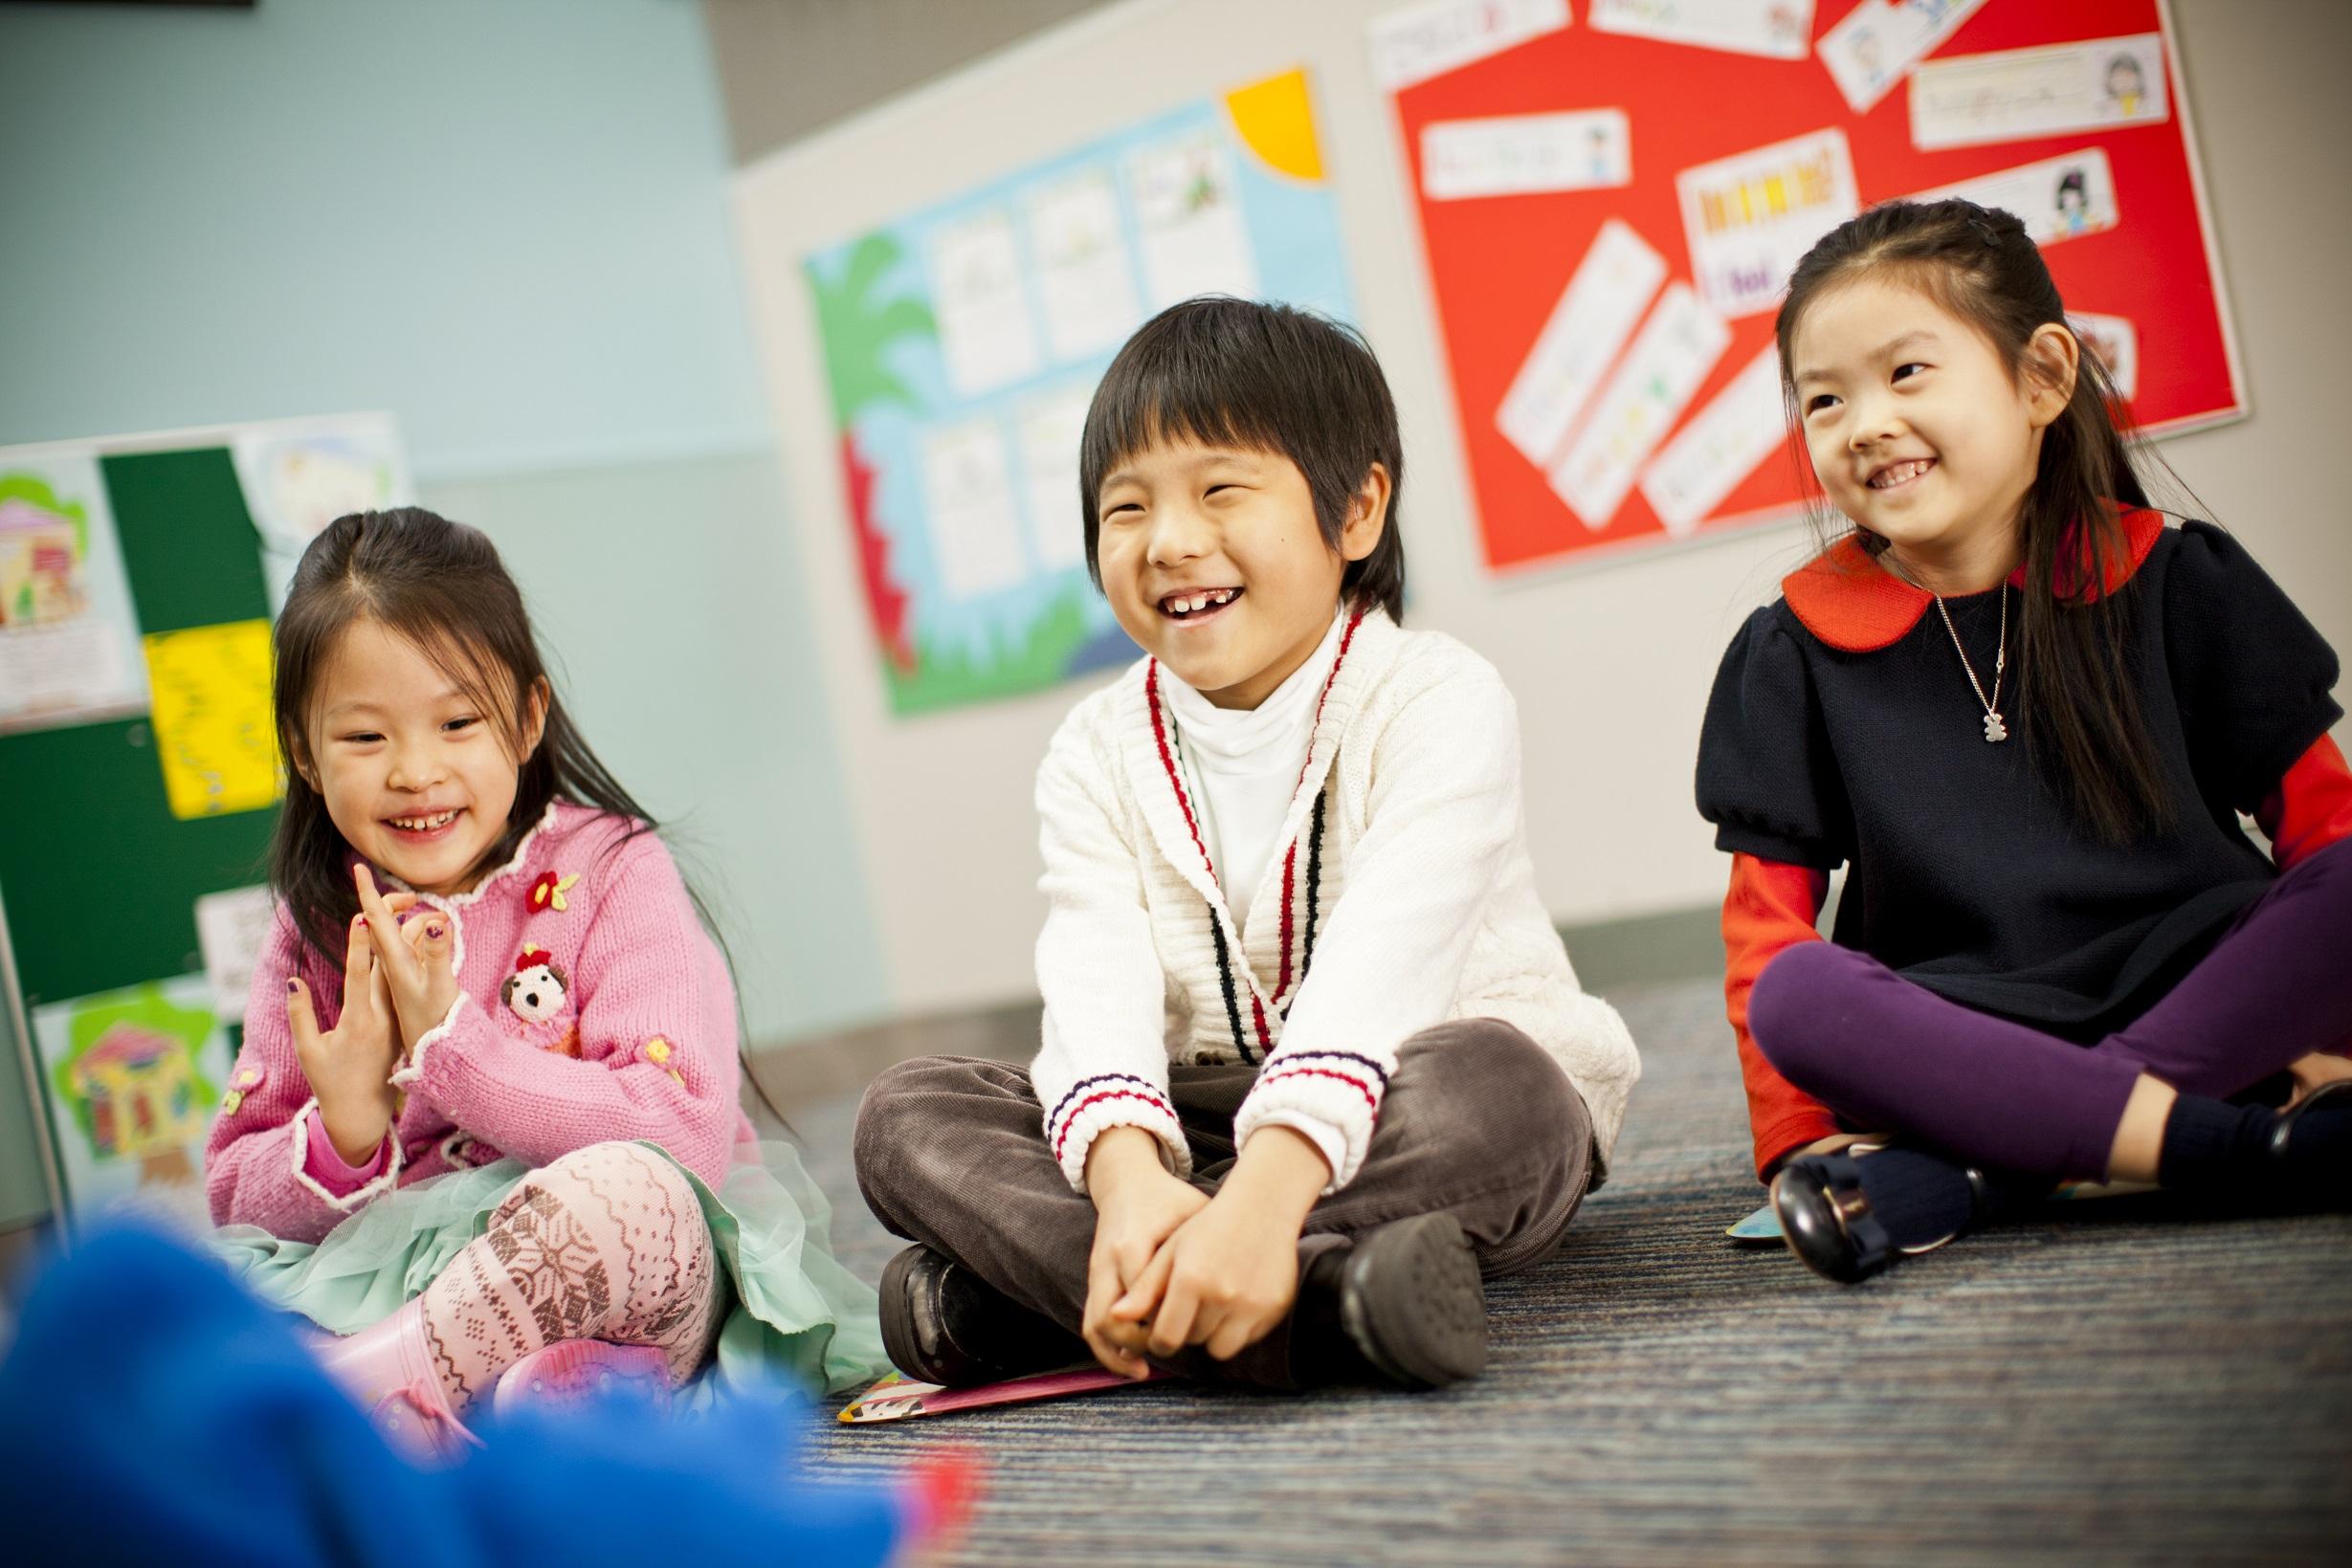 Creative room ห้องเรียนแห่งความสร้างสรรค์ ที่ทุกโรงเรียนควรมี